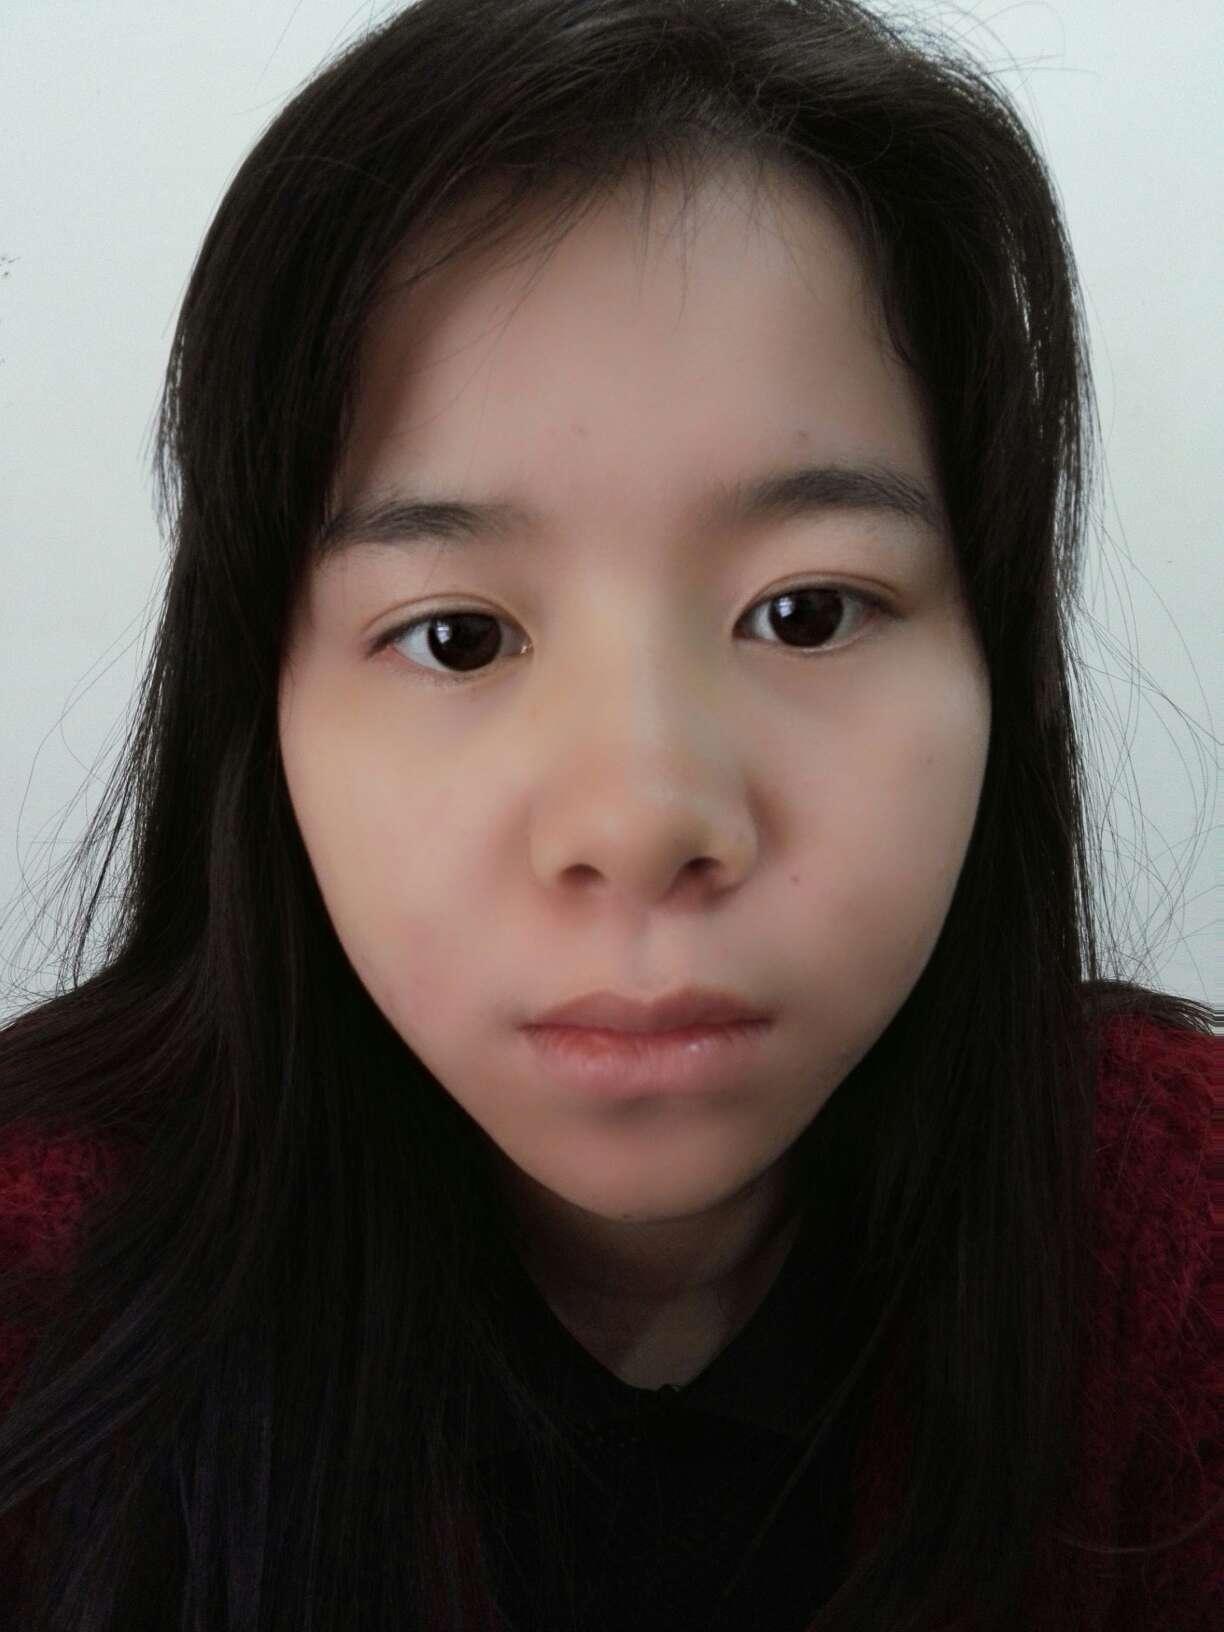 什么样的鼻子良好看,看我的鼻子要整吗脸上还有痘痘和雀斑在app可以先帮我回复吗